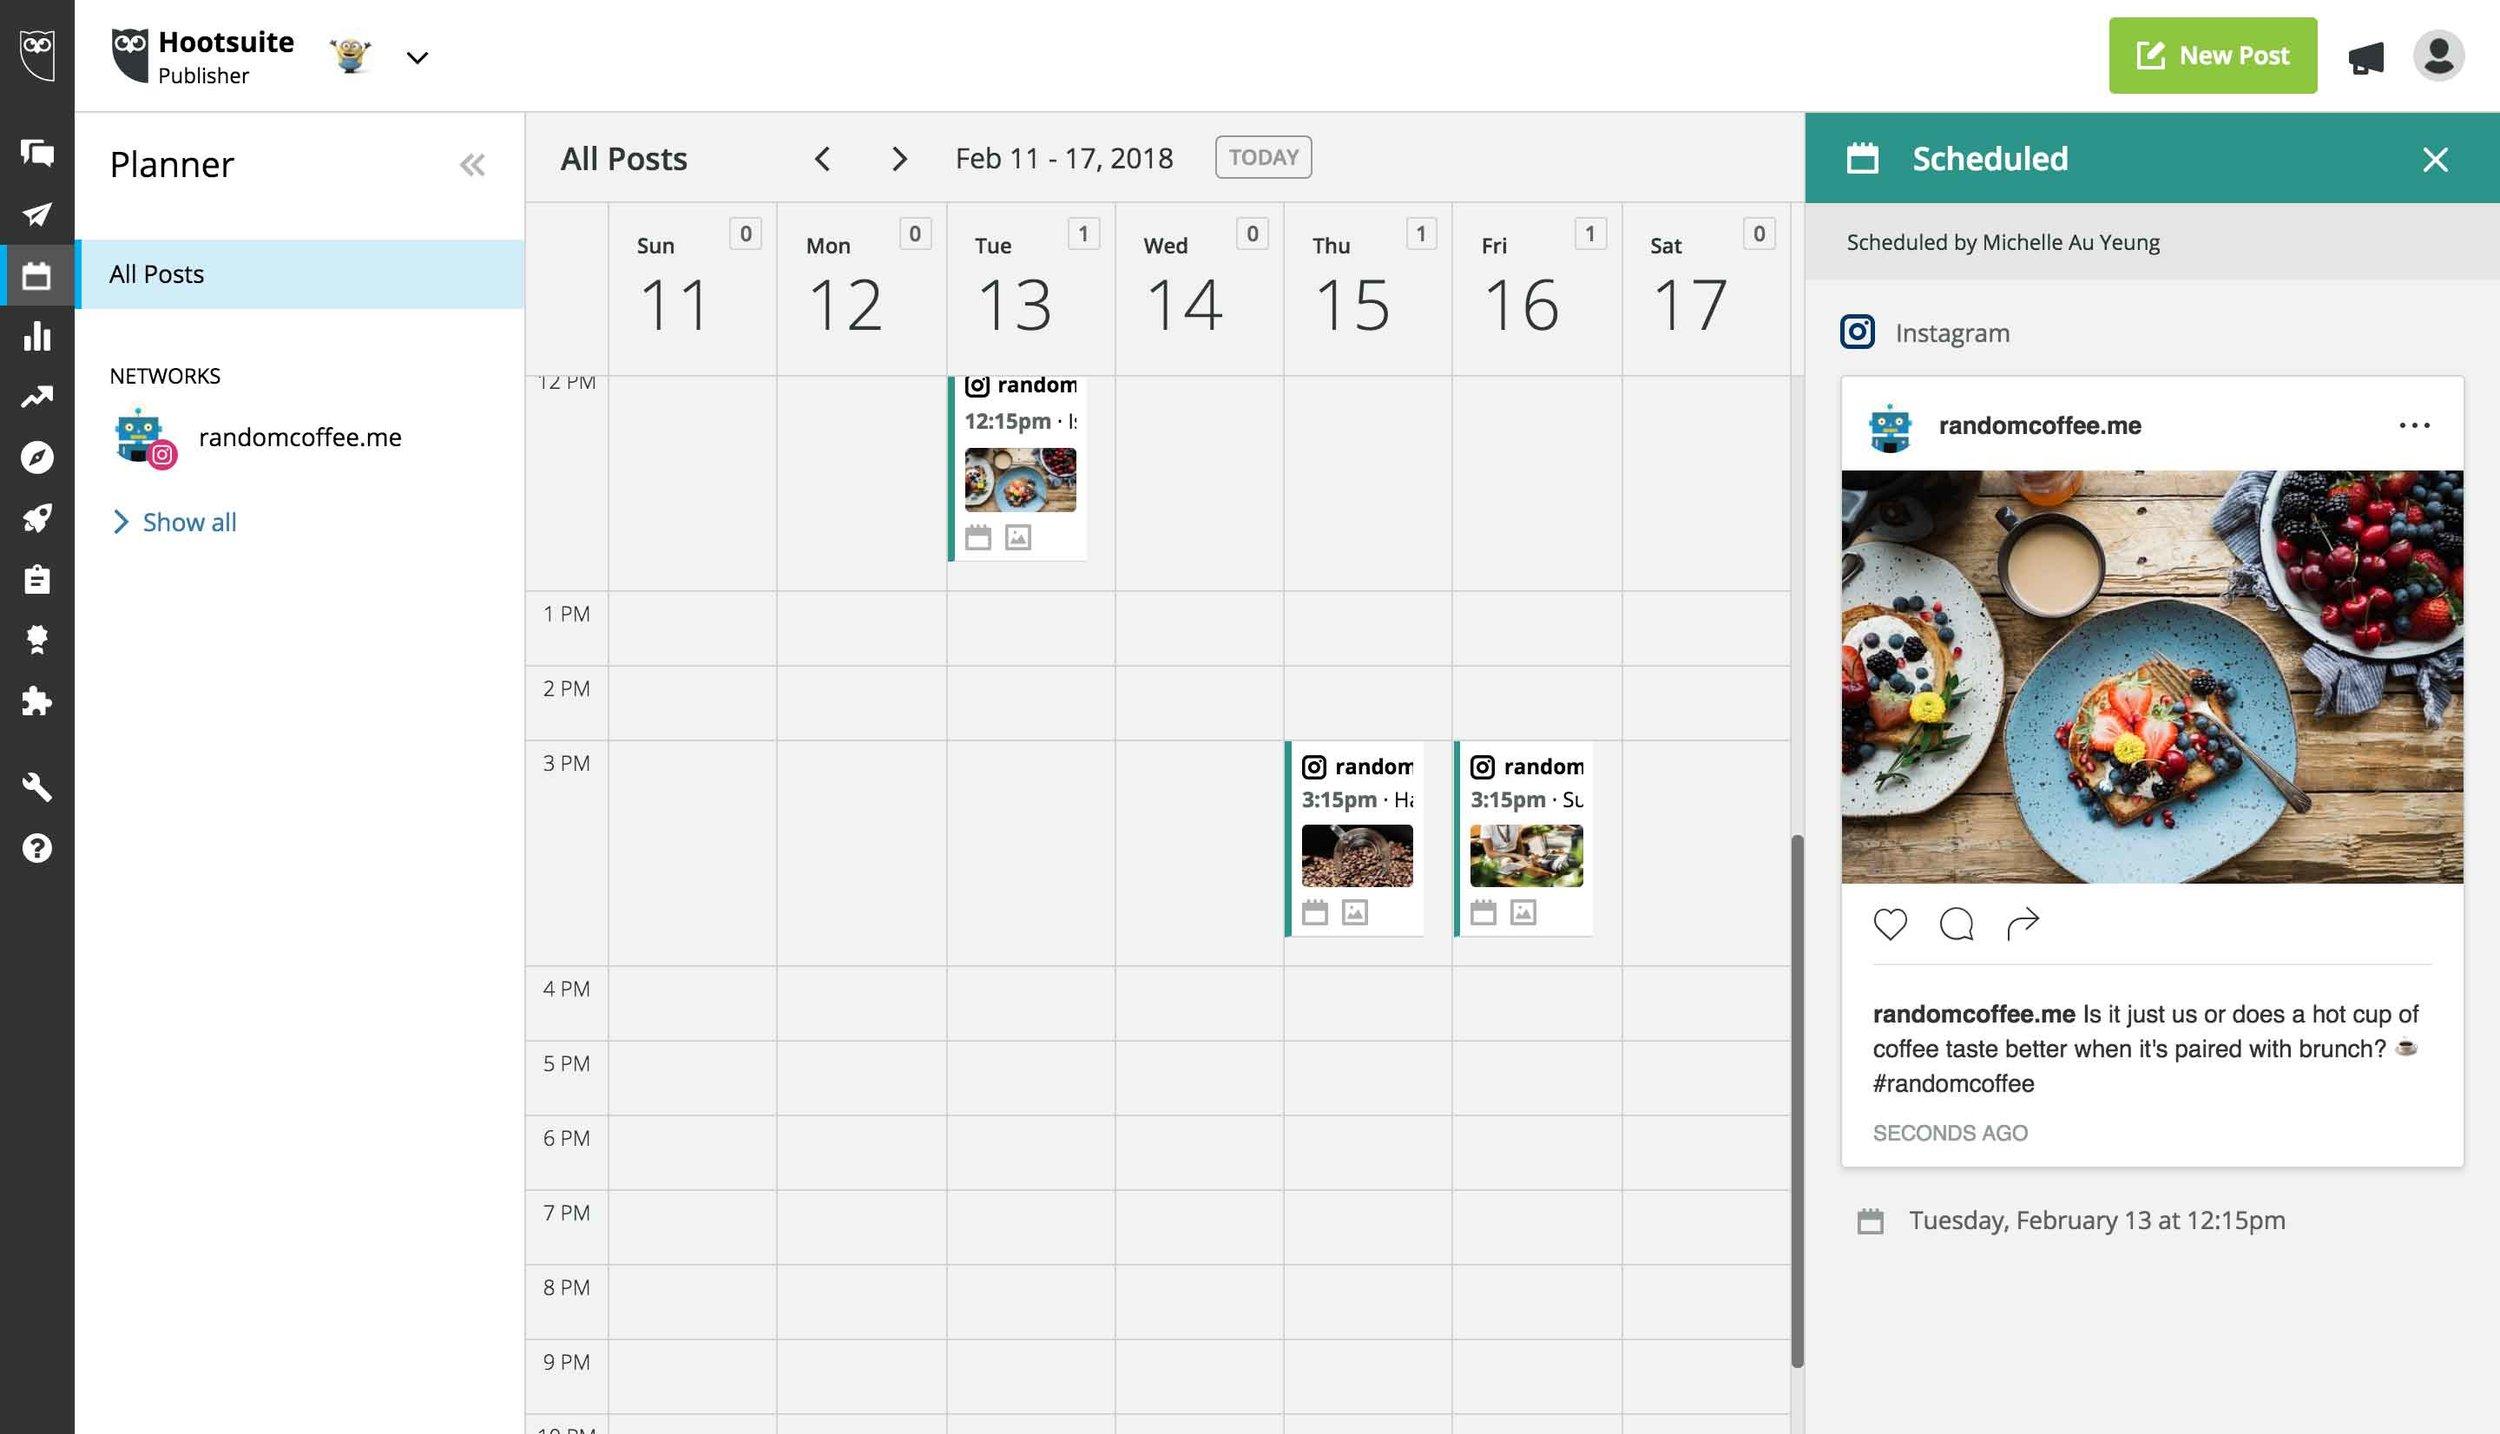 Instagram Scheduler in Hootsuite